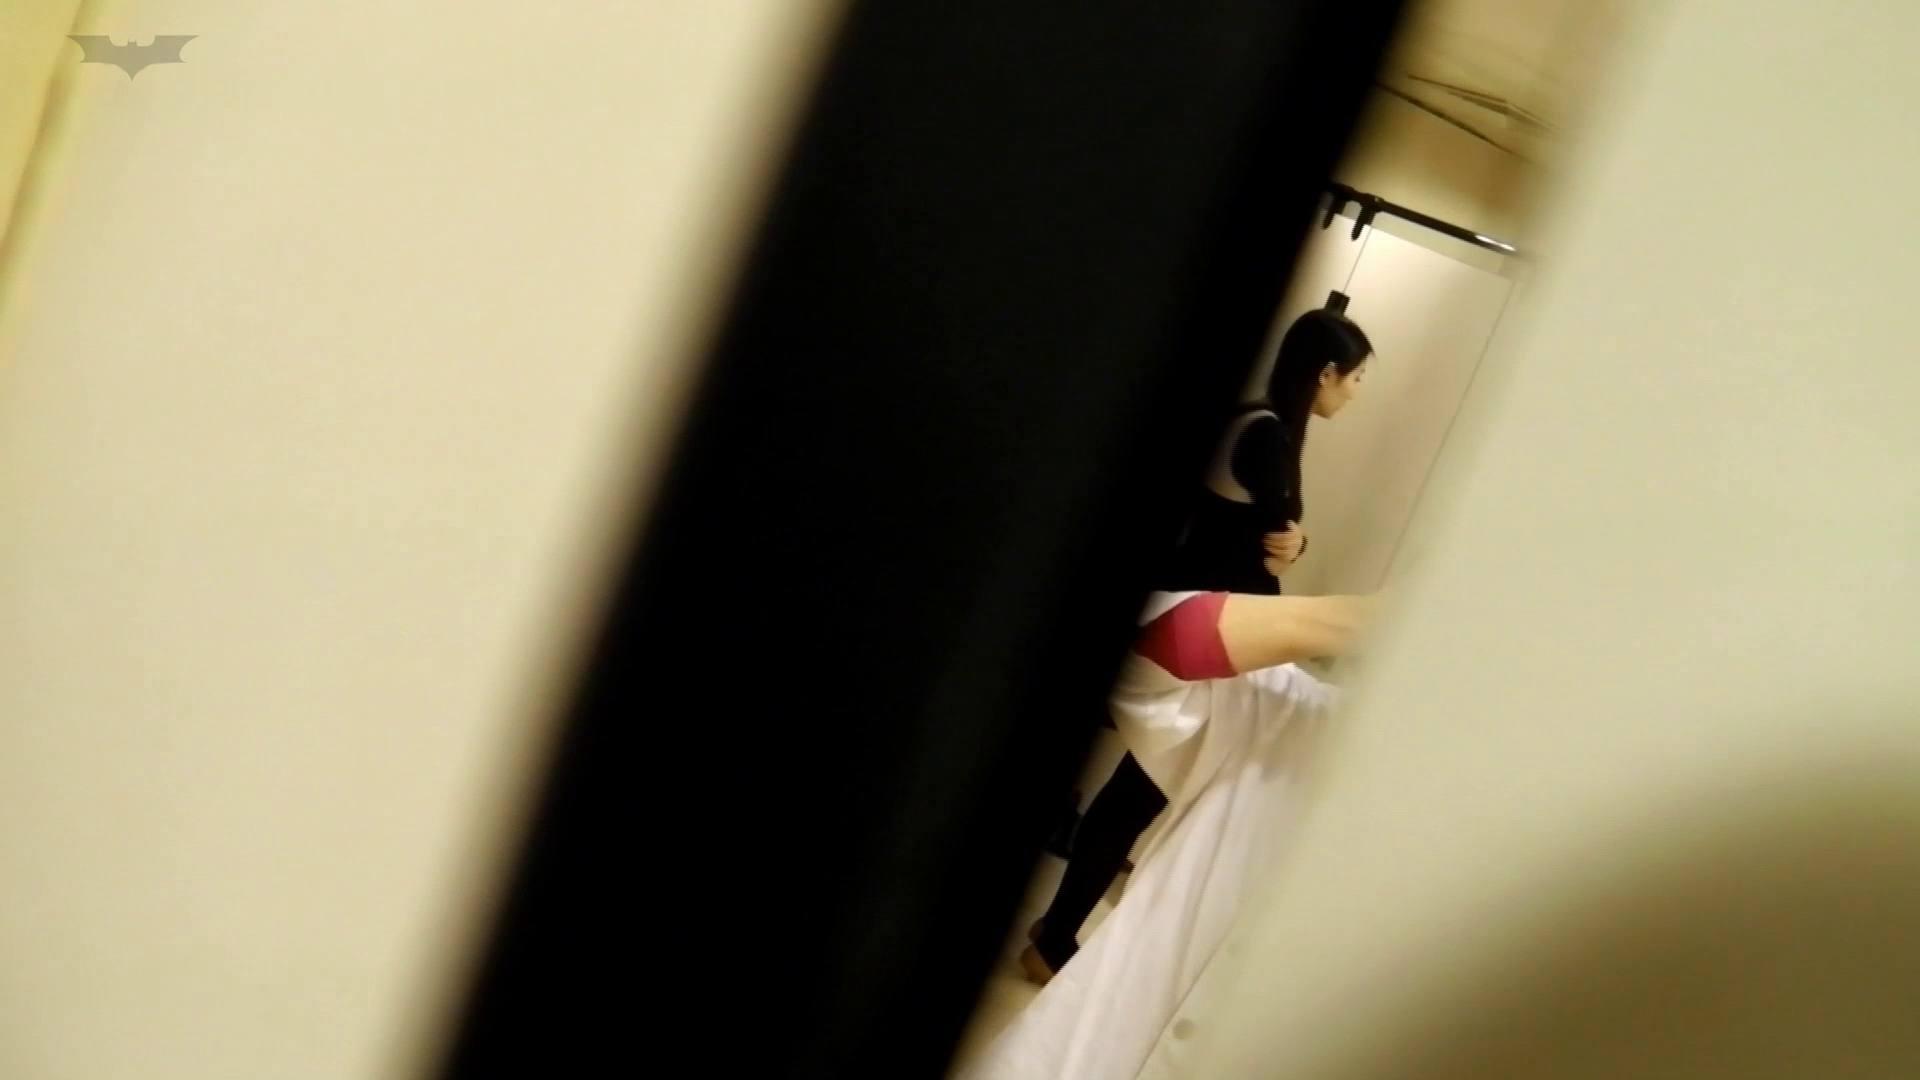 新世界の射窓 No78 トリンドル 玲奈似登場シリーズ美女率最高作! 美女 AV無料 103画像 89